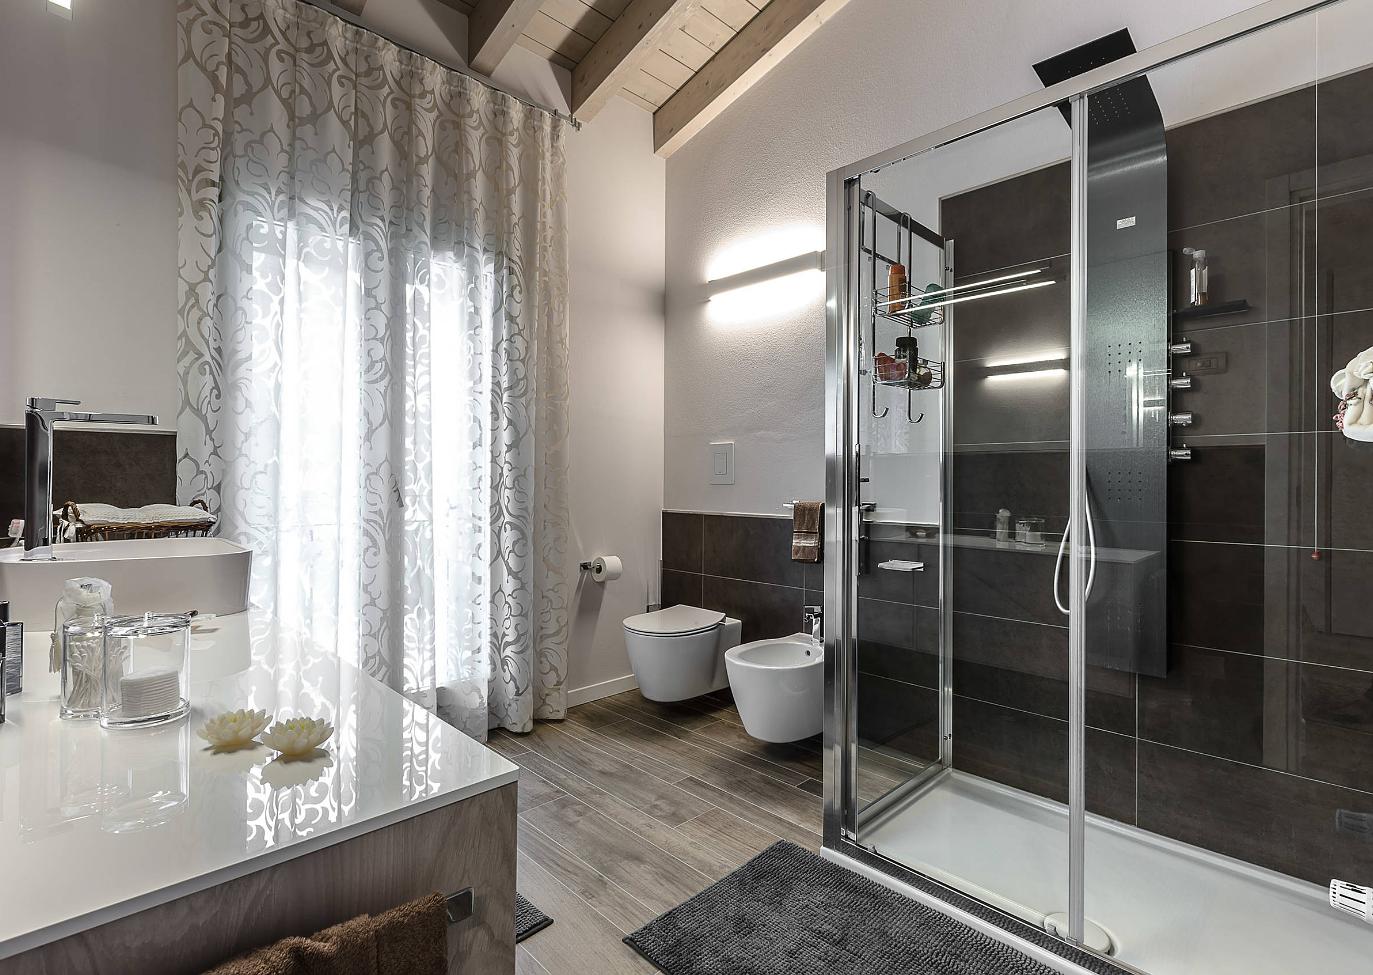 Altezza specchio bagno il bagno with altezza specchio - Altezza mobile bagno ...